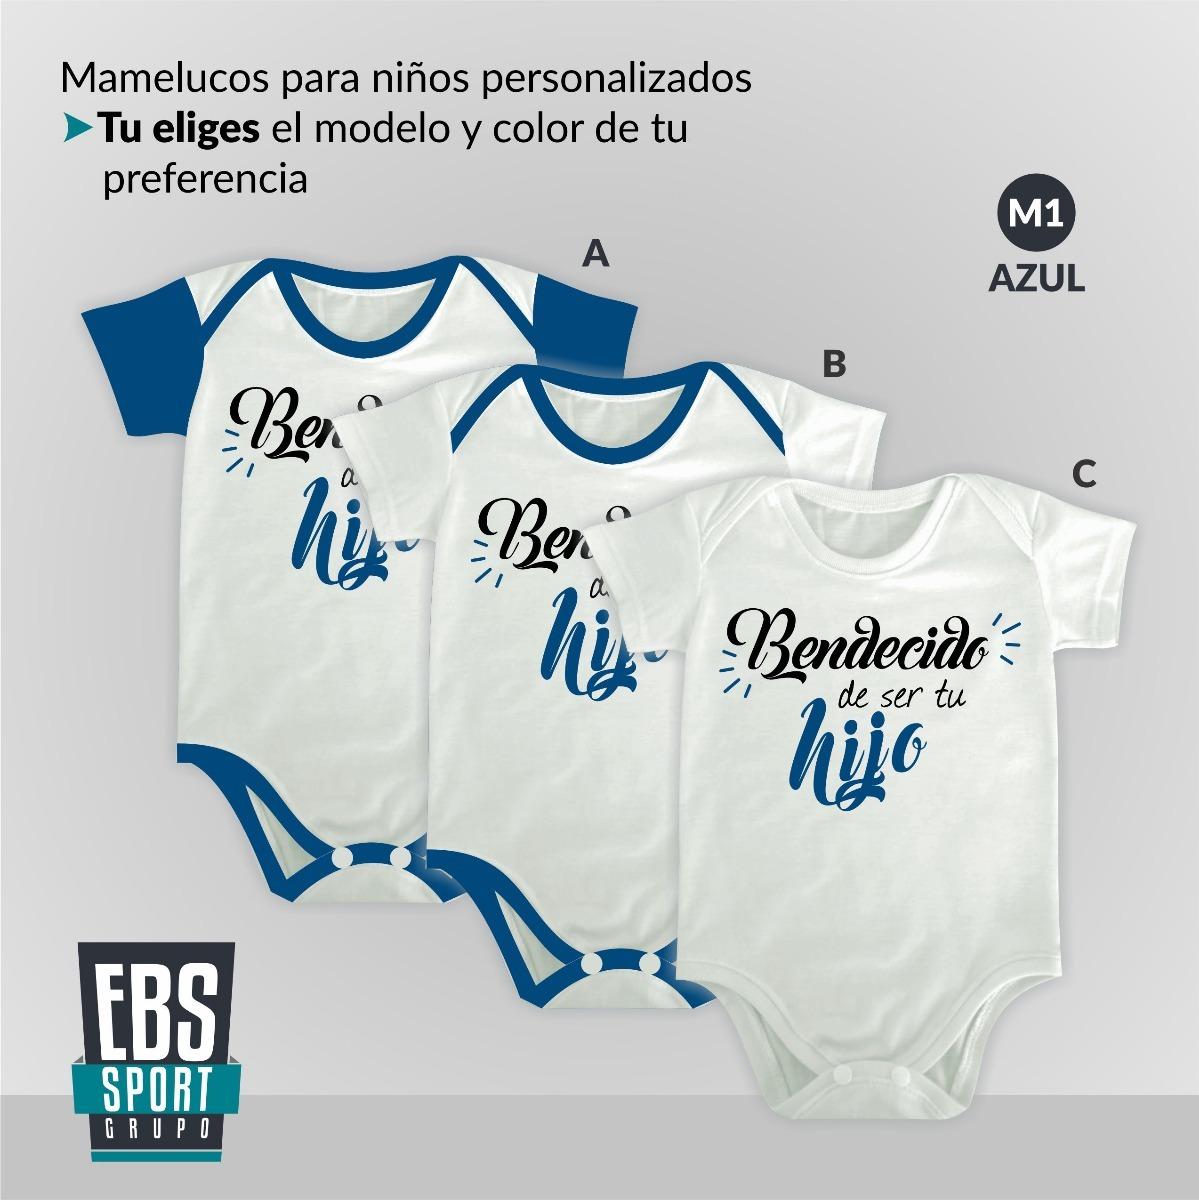 Body Mameluco Para Bebe Bebes Niños Personalizados - $ 25.000 en ...